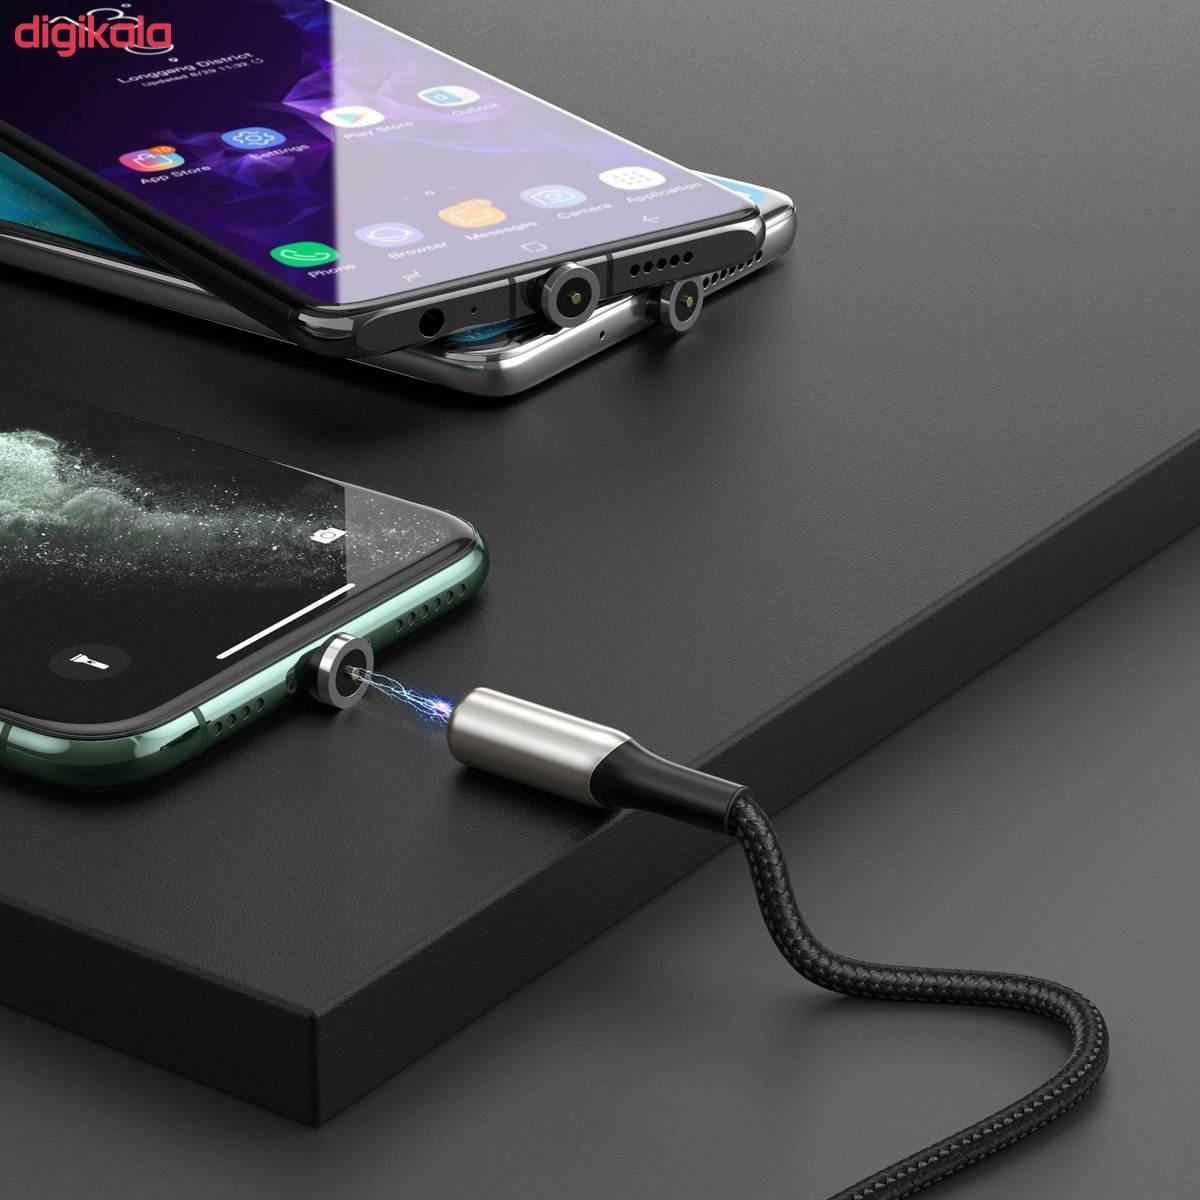 کابل تبدیل USB به USB-C / MicroUSB / لایتنینگ باسئوس مدل TZCAXC-F01 طول 1 متر main 1 1